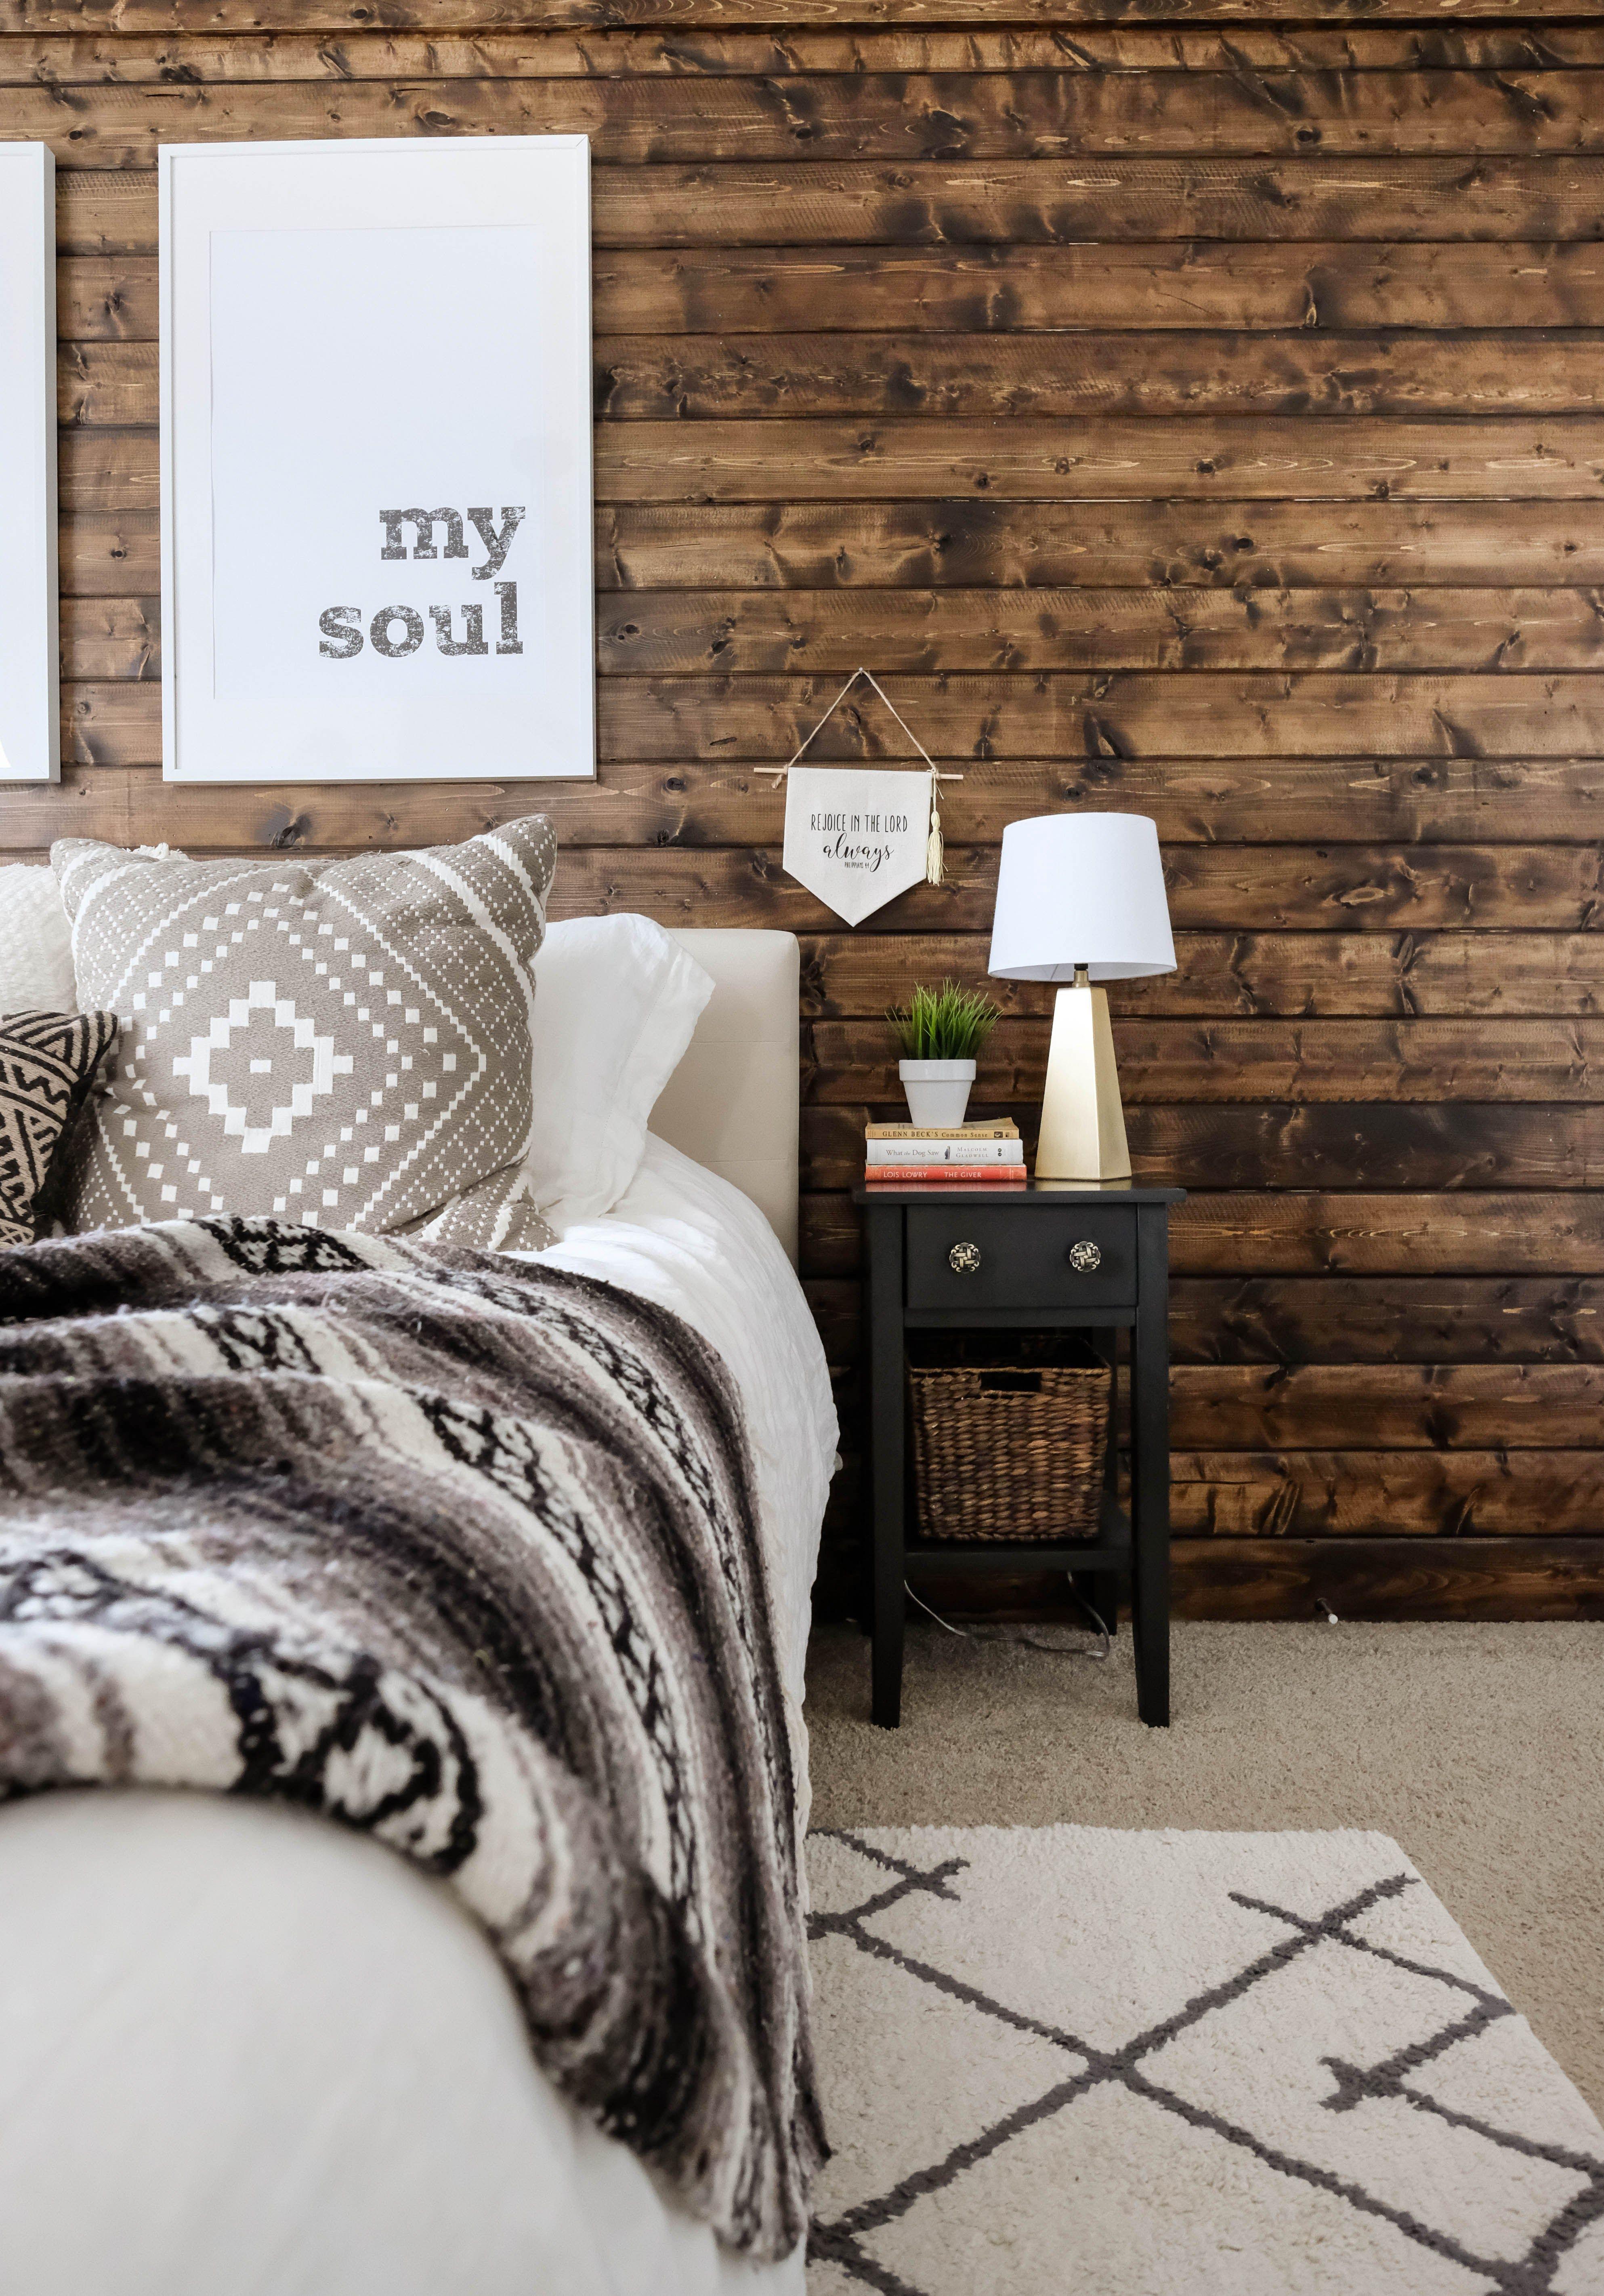 Modern Rustic Bedroom Reveal + Tips on Blending Two Styles #modernrusticbedroom